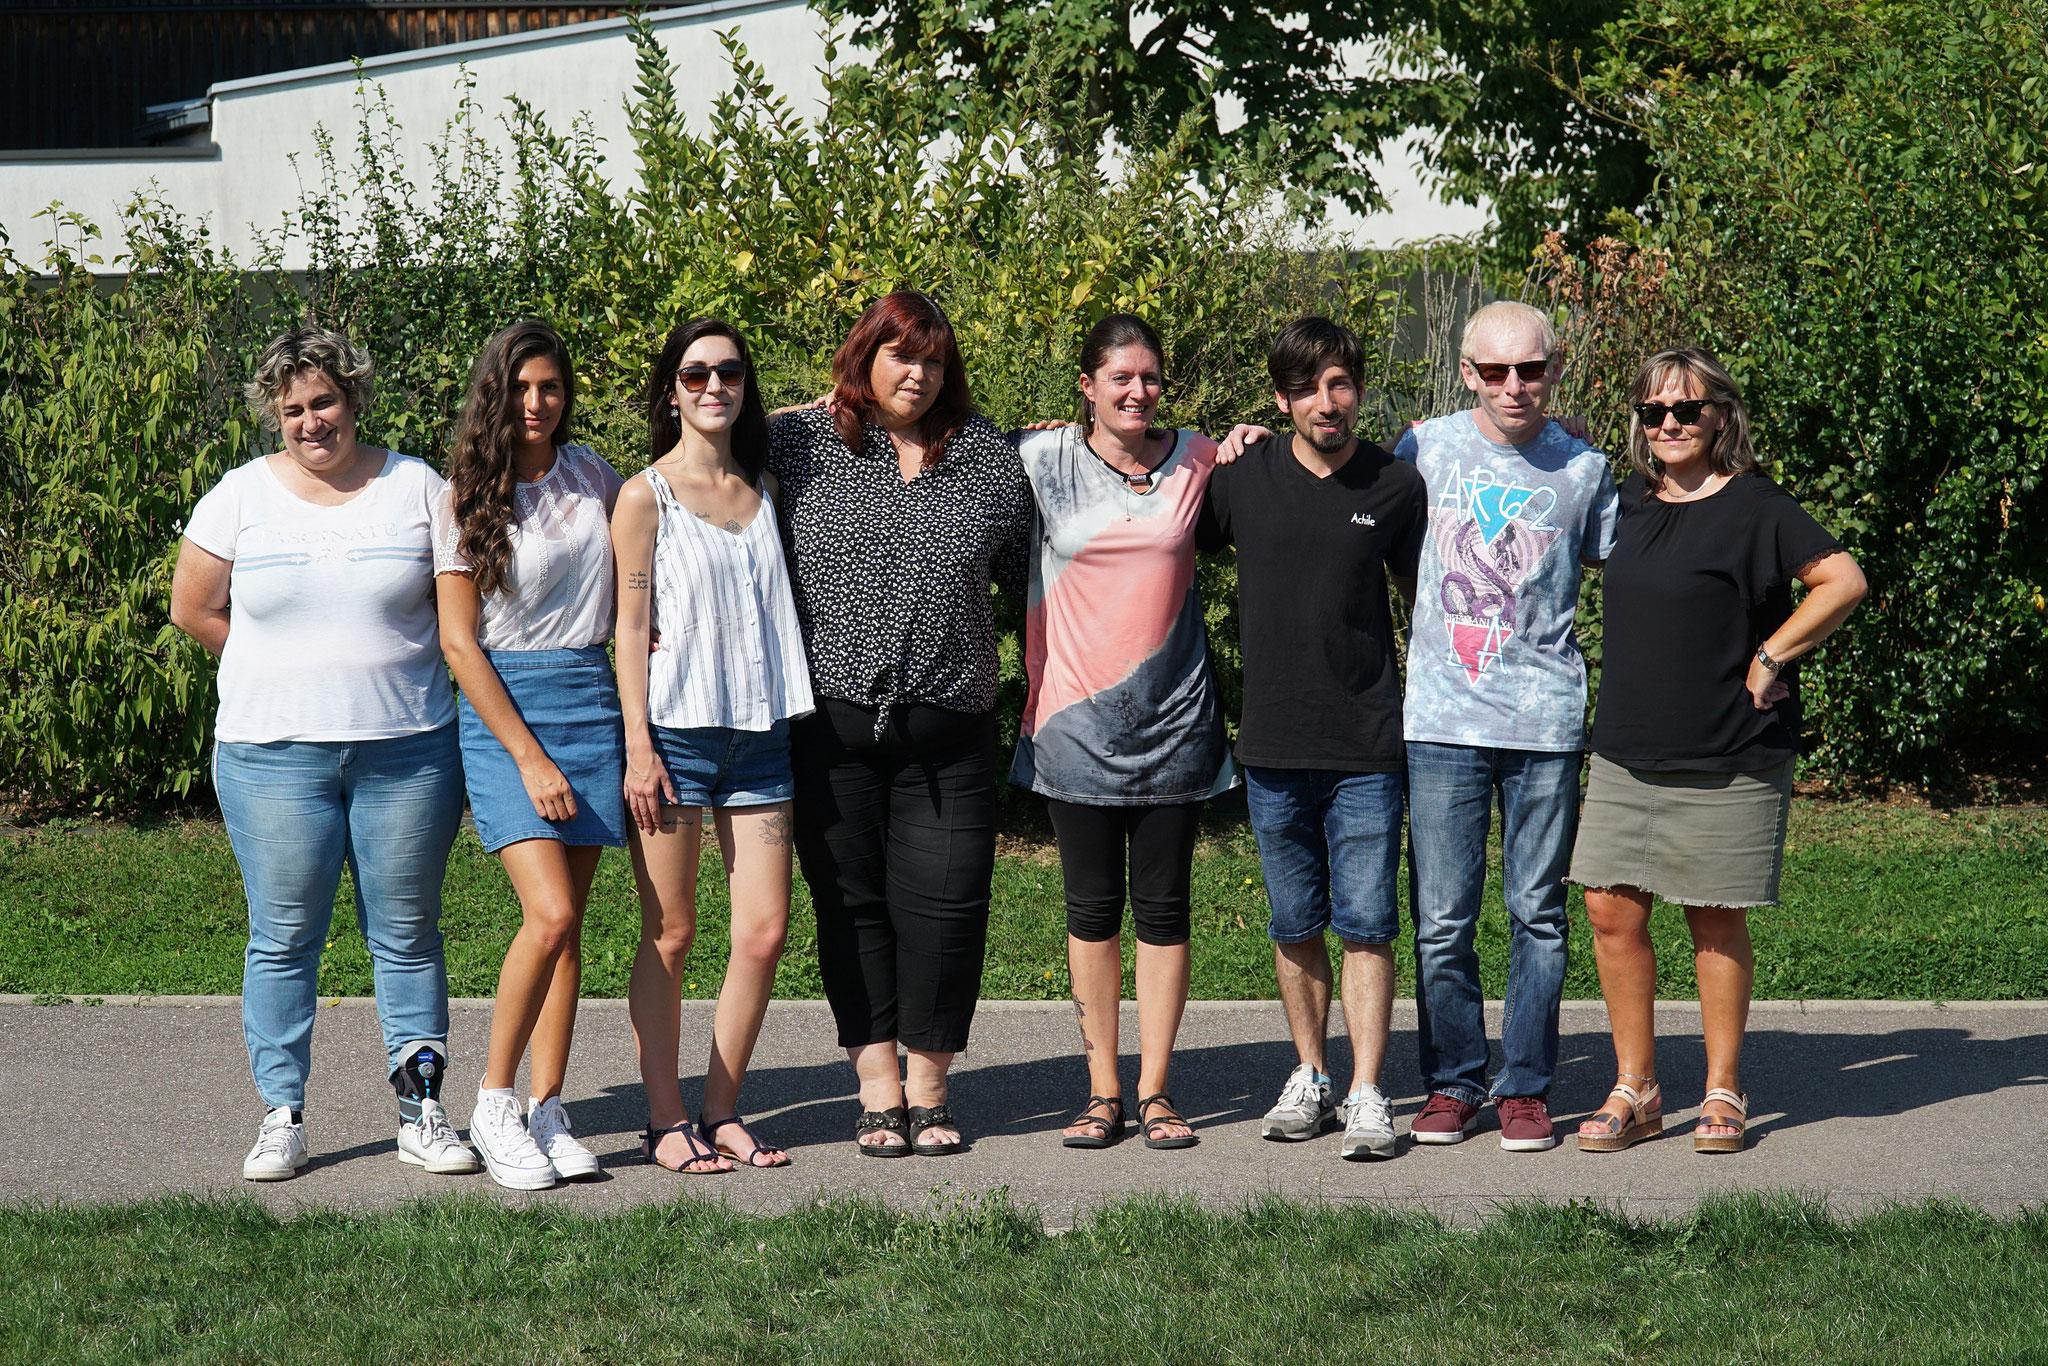 Volmerange composée de Corinne, Laura, Lara, Myriam, Marie, Raynald, Cédric, Rachelle, Stéphane (absent sur la photo)